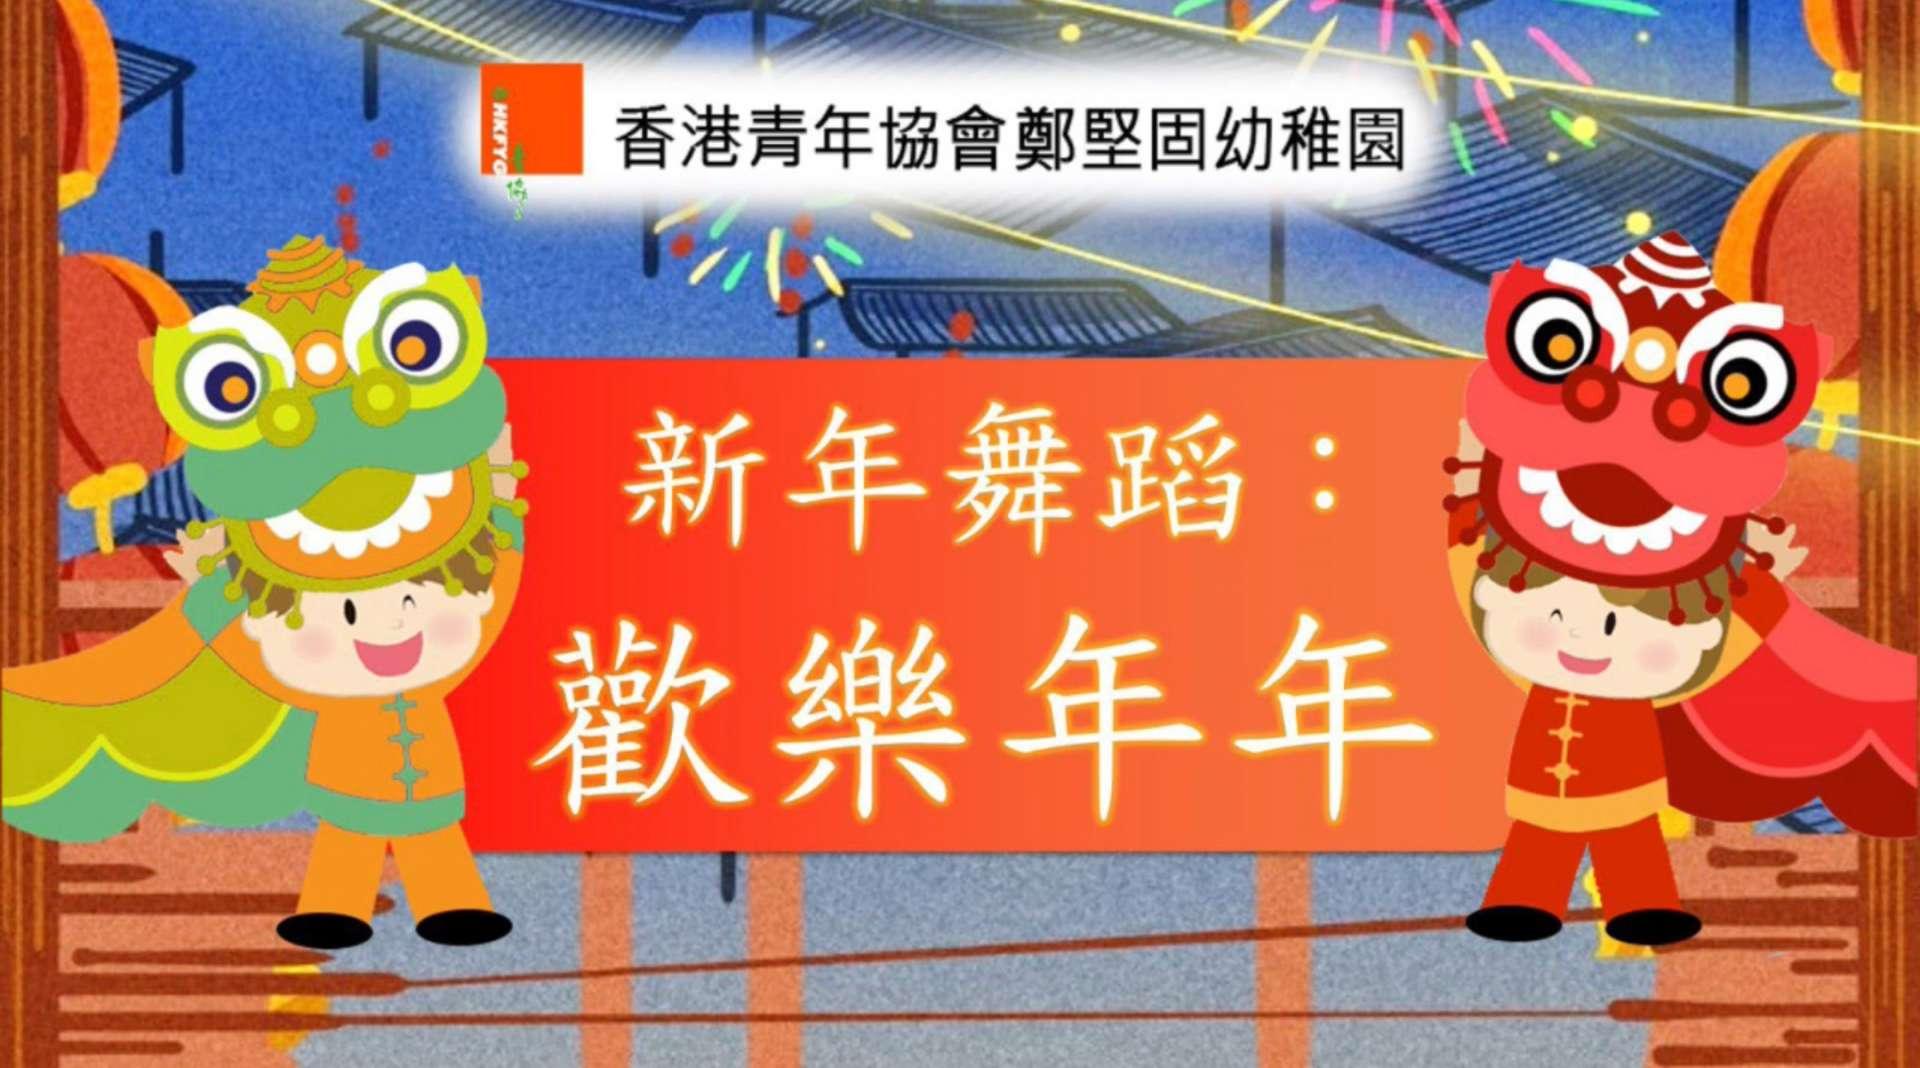 新年舞蹈《歡樂年年》